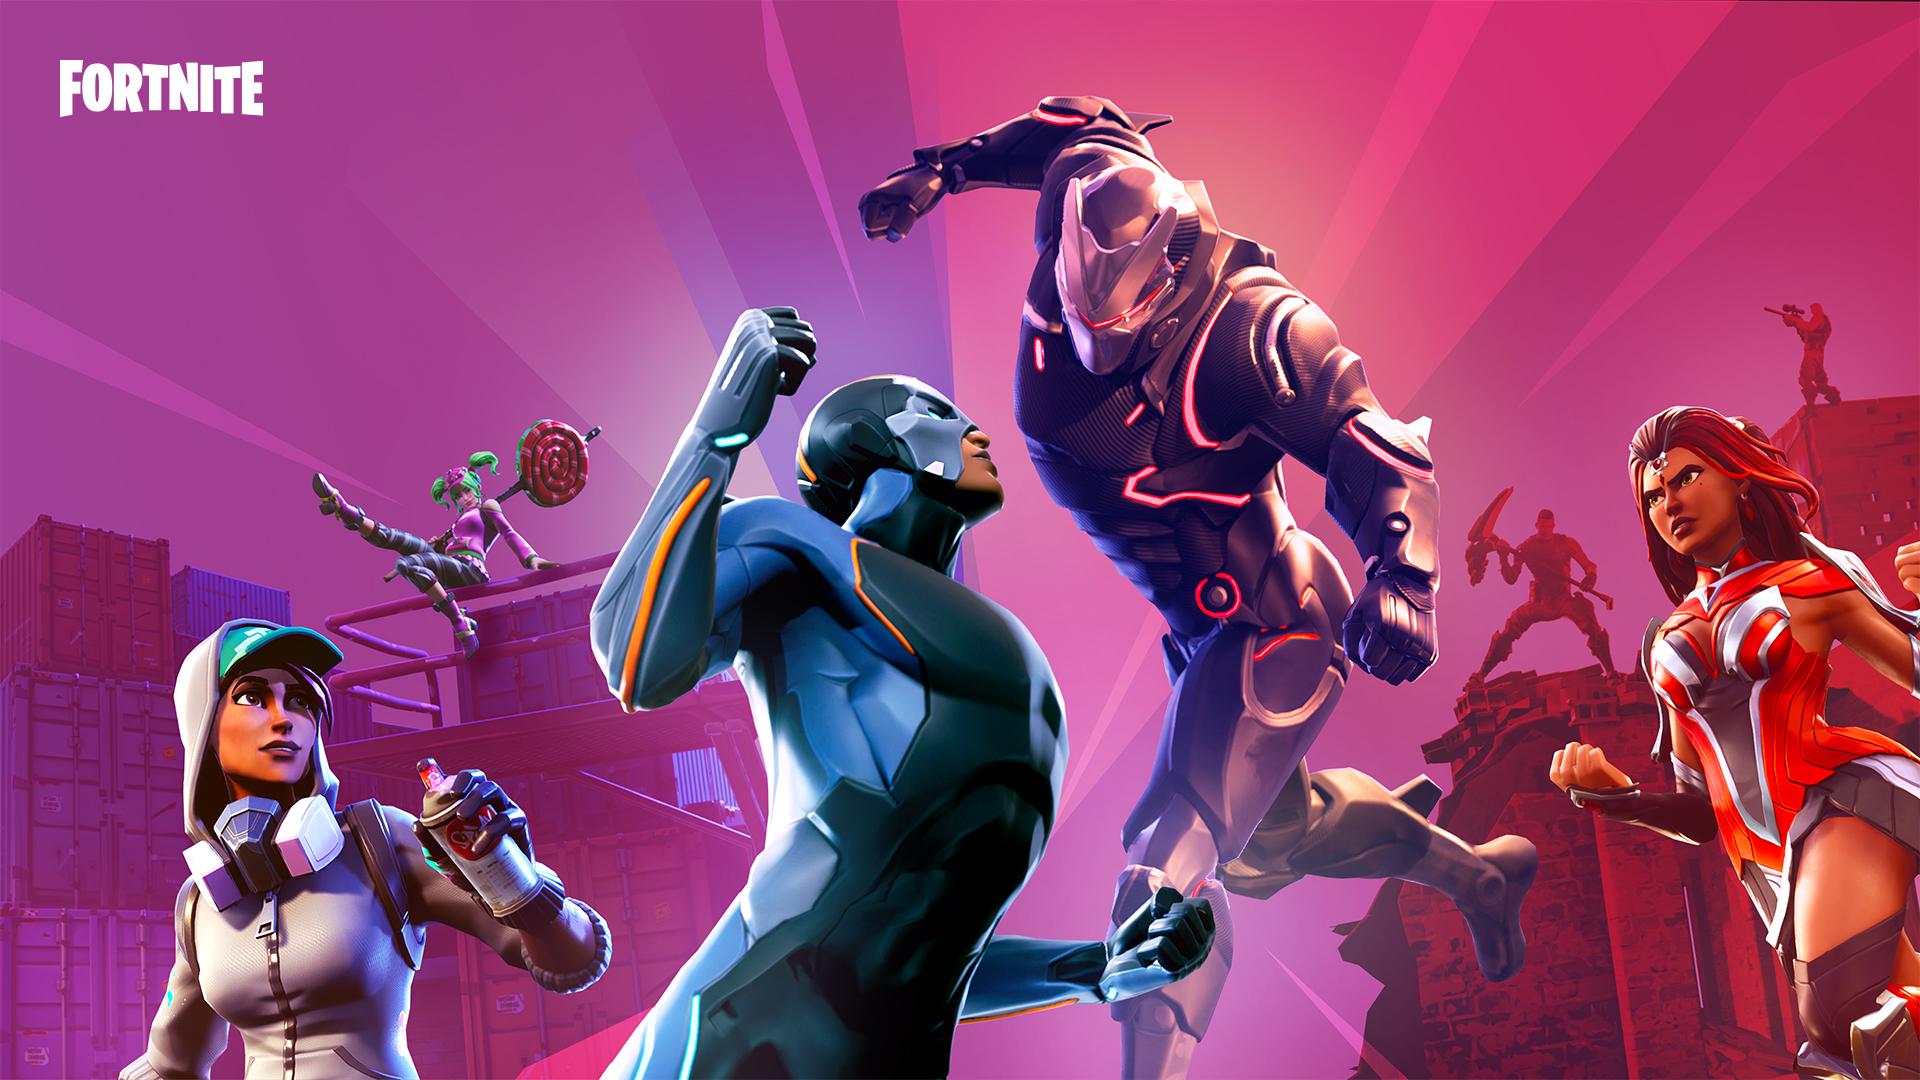 Fortnite Over 500 Games Not One Win Fortnite Developer Tim Sweeney Made 7 Billion This Year Quartz